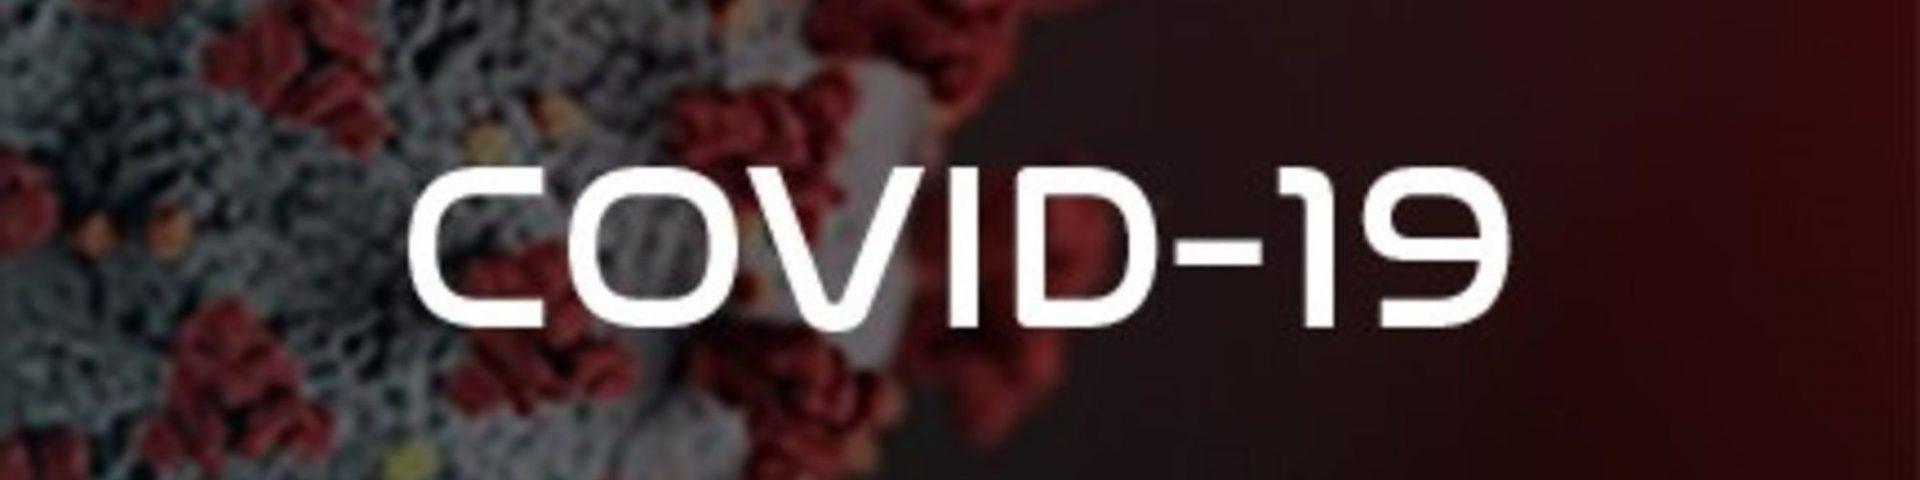 Coronavirus creato in laboratorio? Il servizio rilanciato da Striscia la Notizia e la smentita (Video)